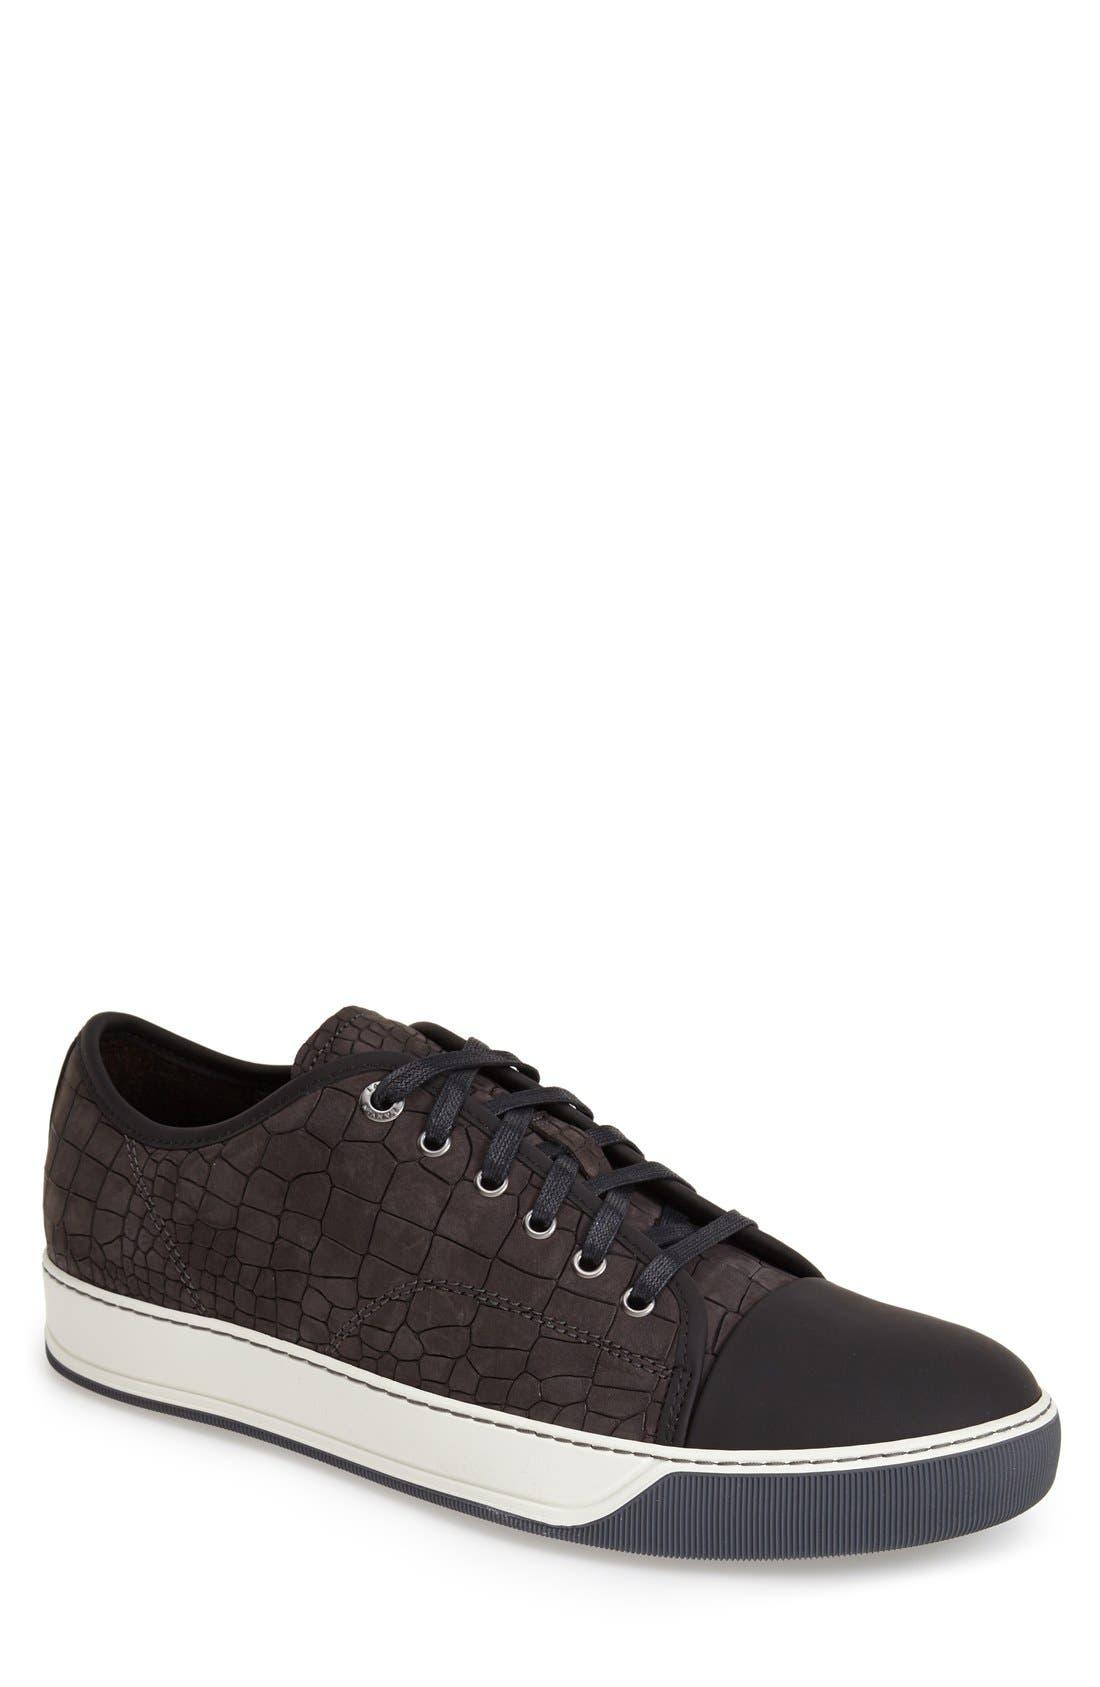 Embossed Nubuck Low Top Sneaker,                             Main thumbnail 1, color,                             024